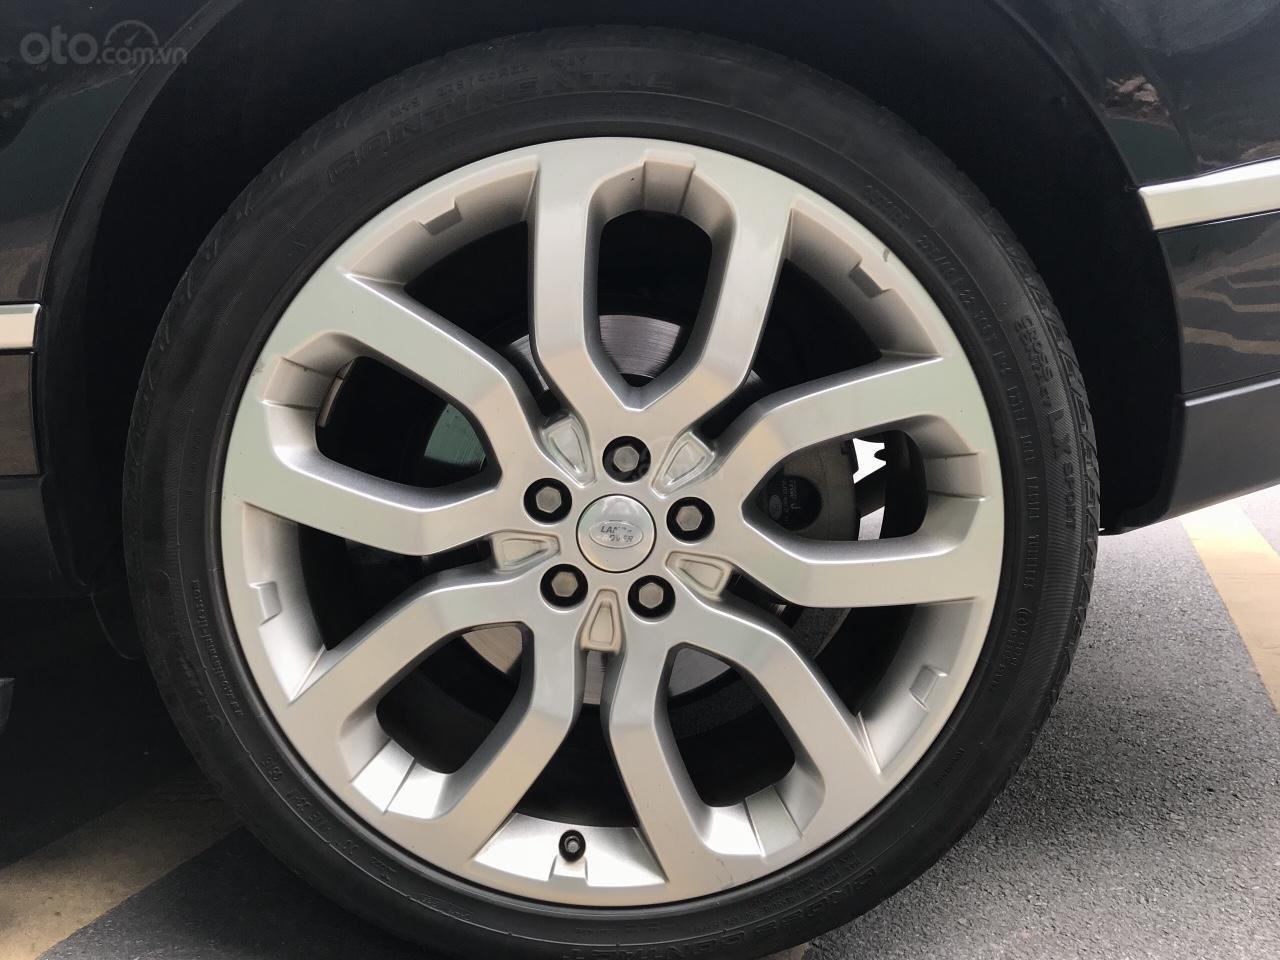 Bán LandRover Range Rover HSE sản xuất 2015, tên công ty xuất hóa đơn, LH Mr Huân 0981010161 (16)